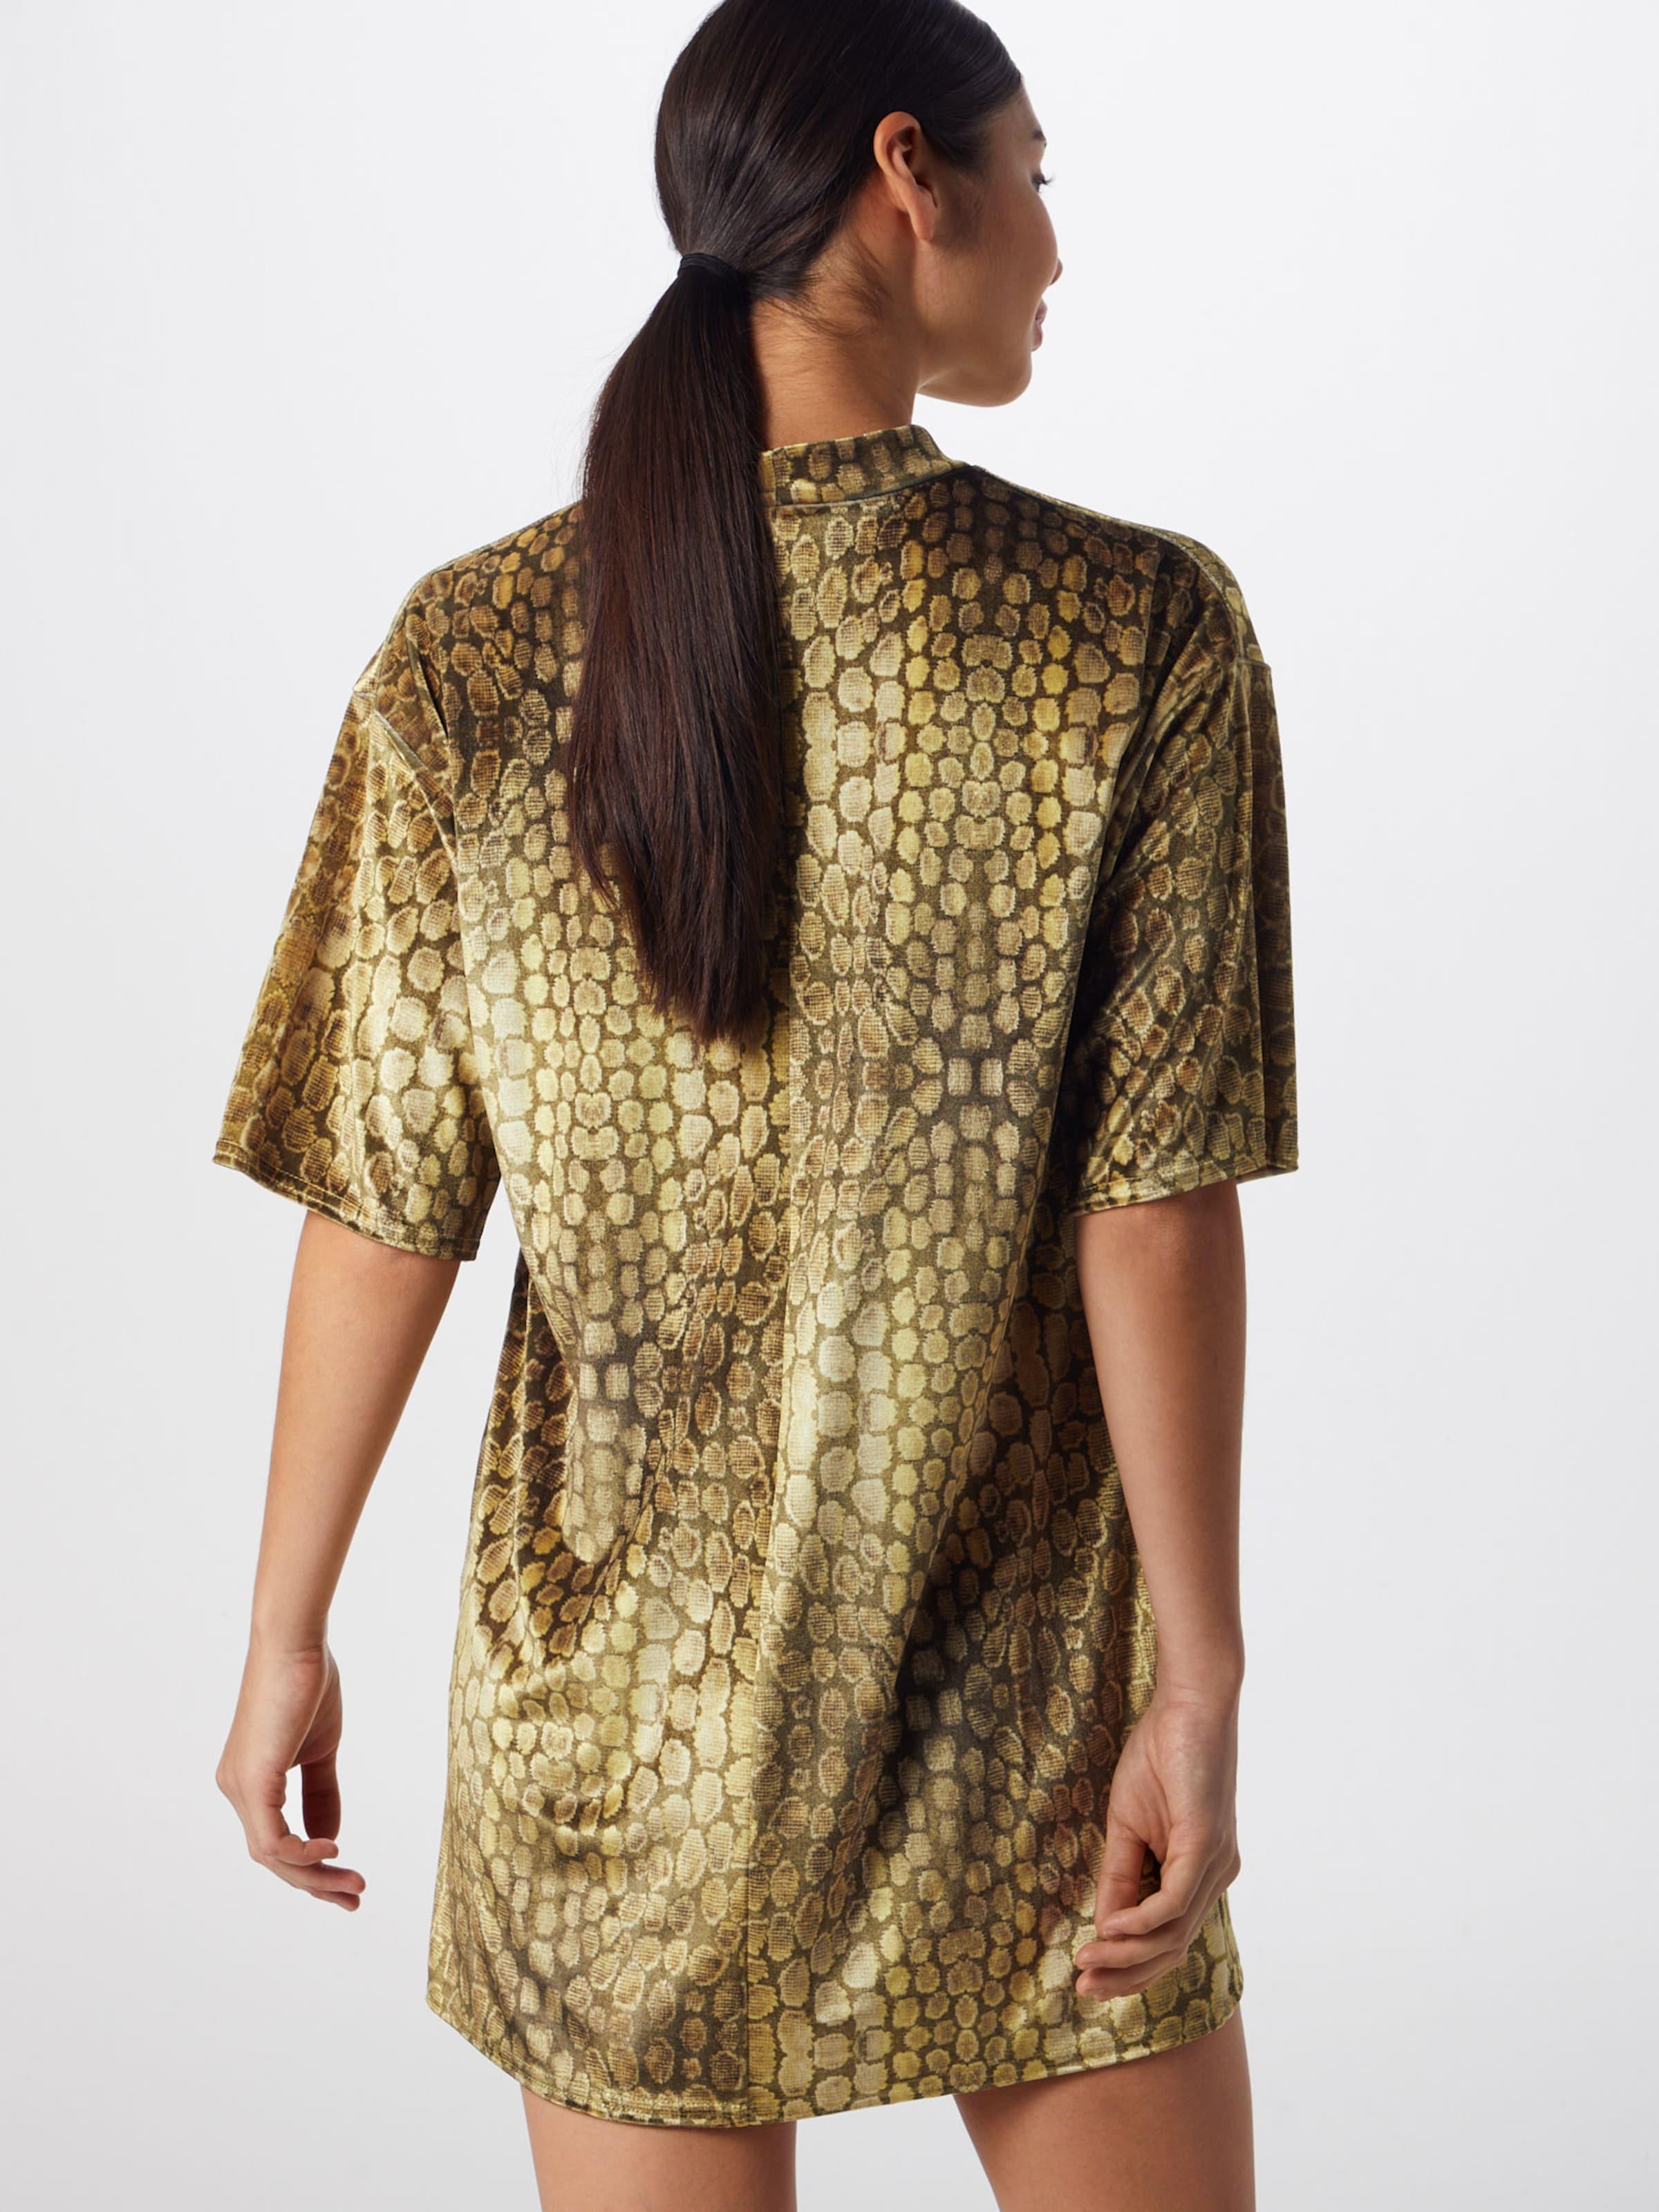 Velvet' Dress Missguided In 'oversized Neck Senf High BrdCexo